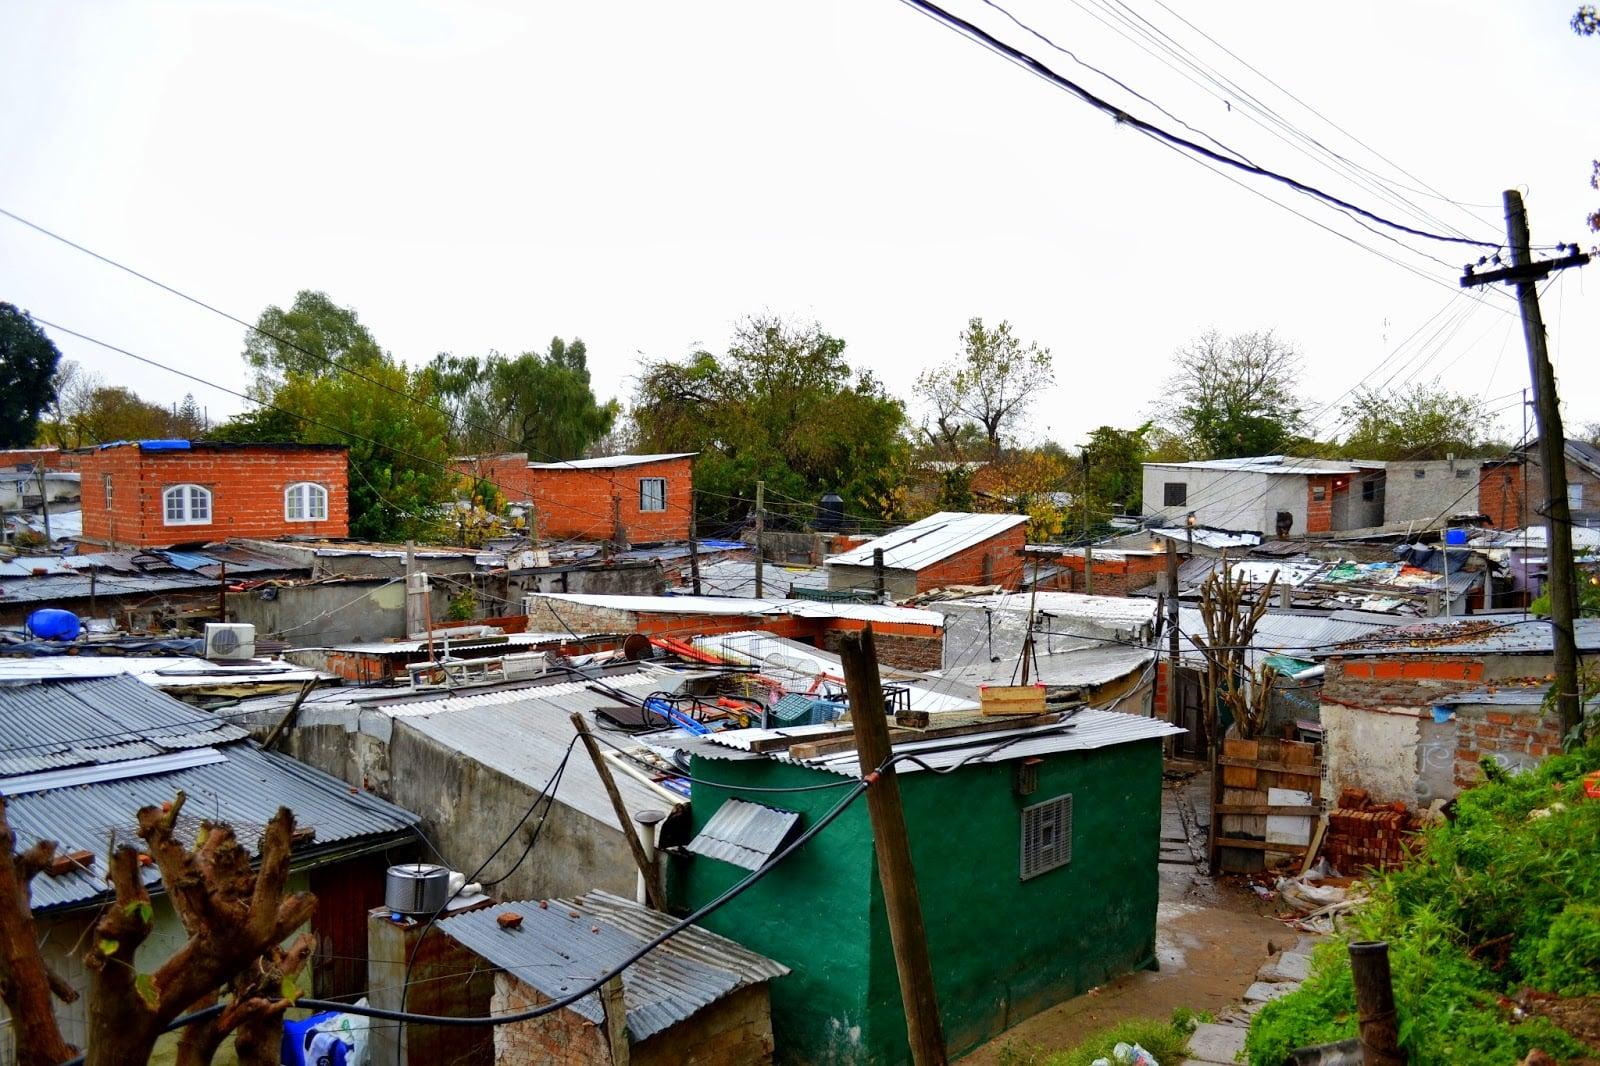 Se aprobó una ordenanza para destinar presupuesto municipal a la urbanización de villas en San Isdro